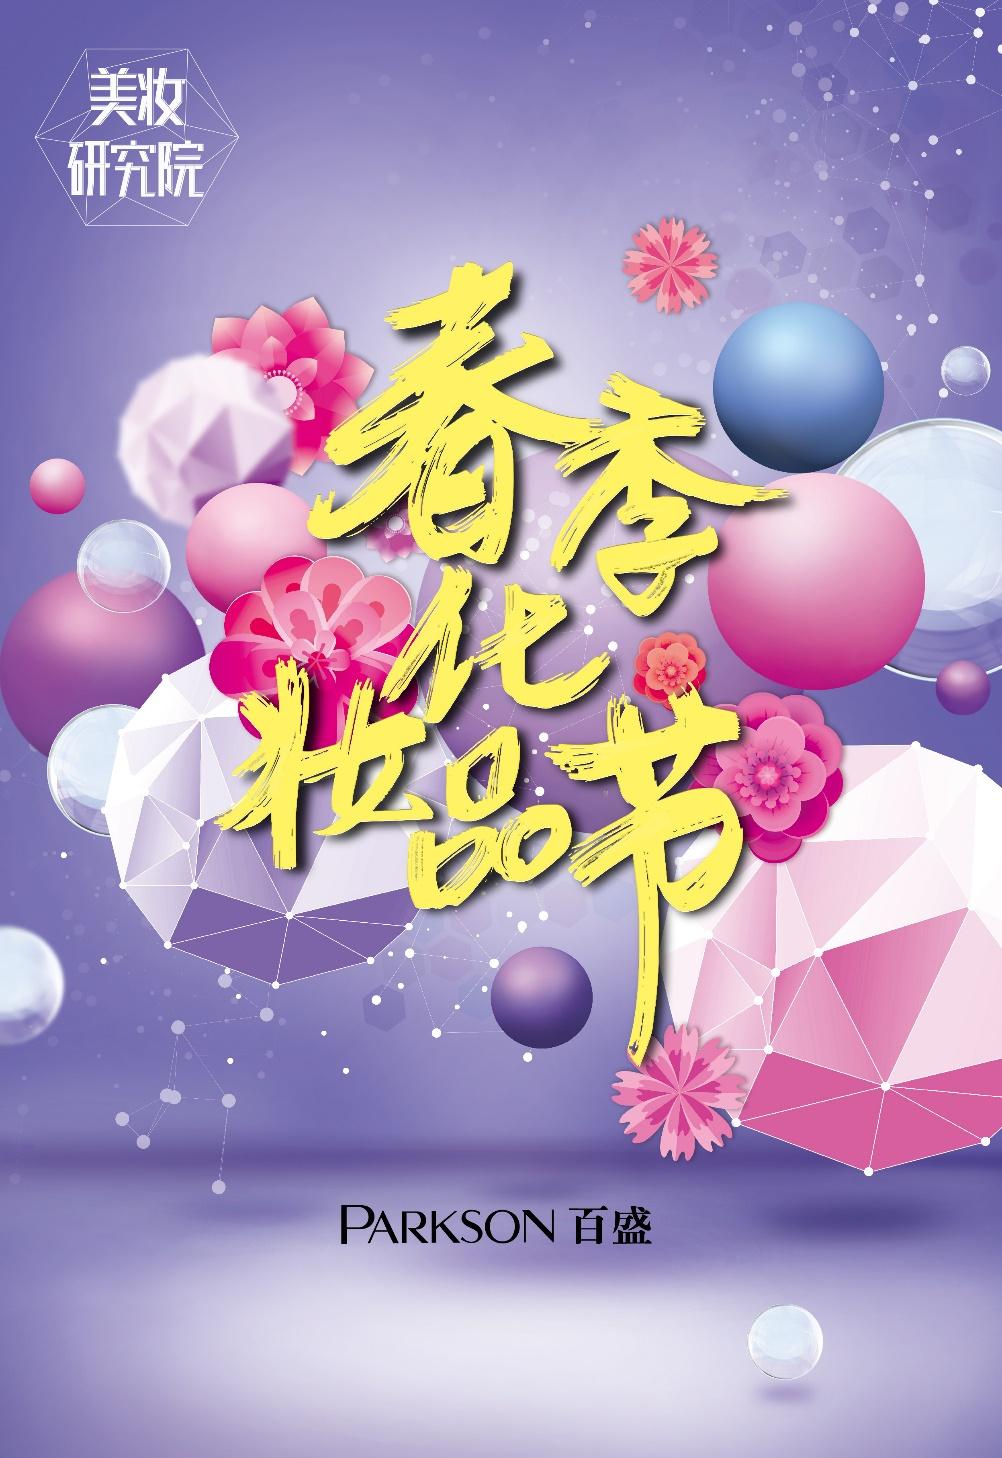 百盛开启2018美丽盛宴:春季化妆品节缤纷来袭